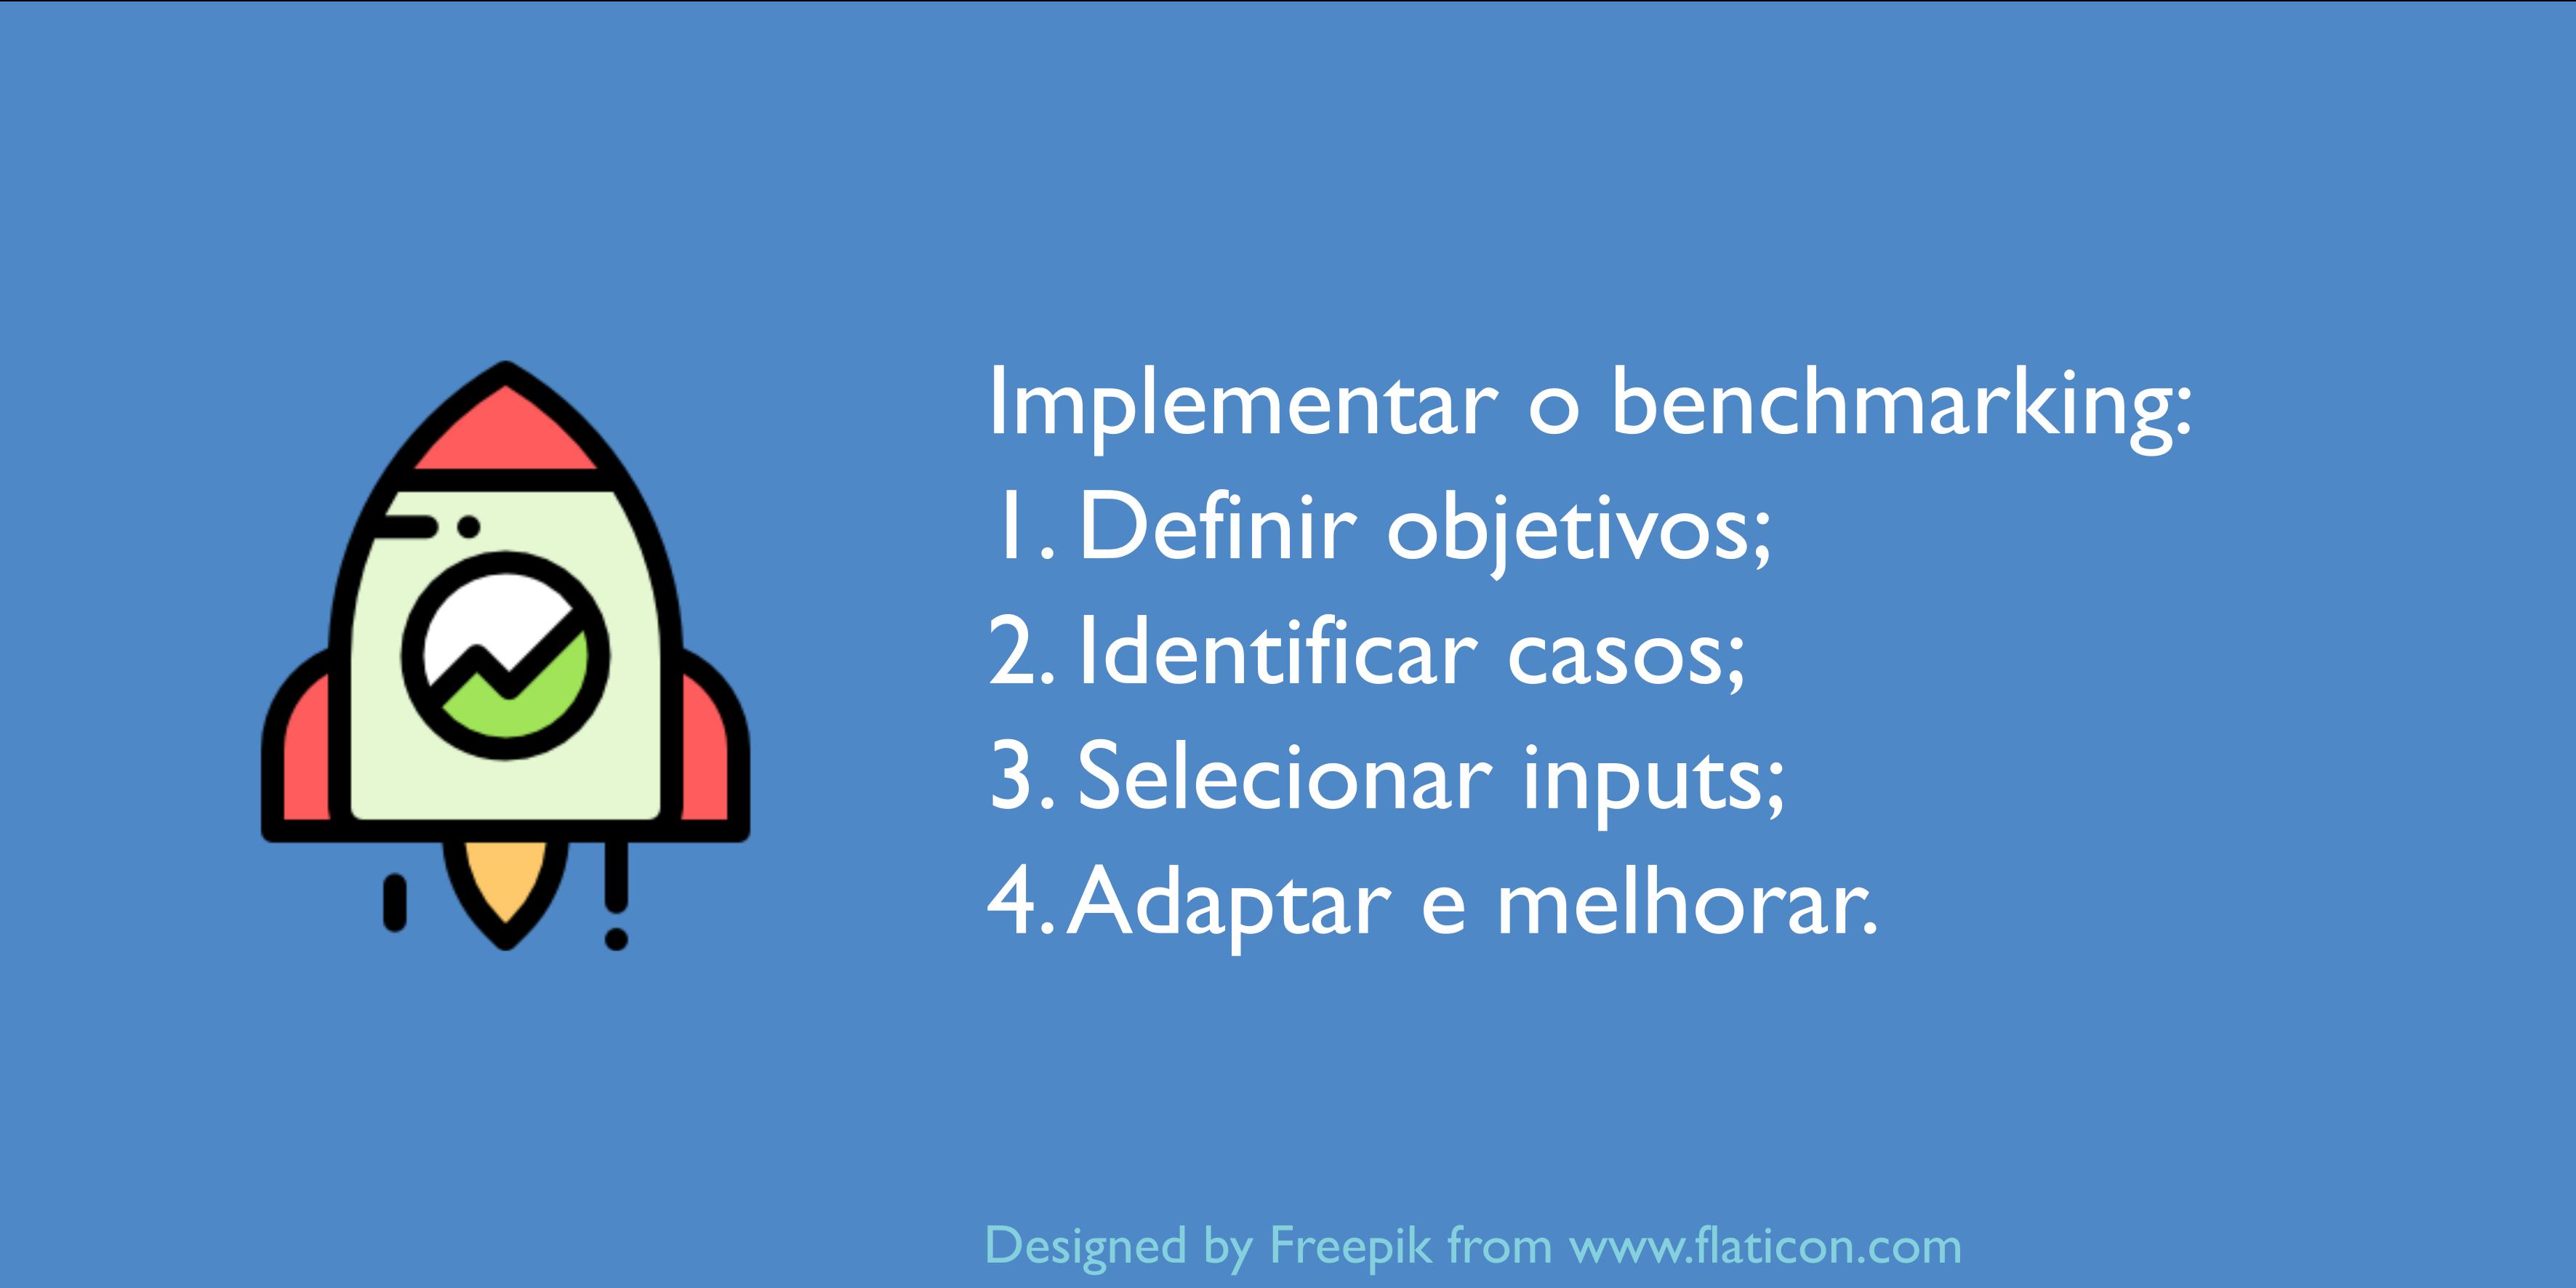 Processo de benchmarking